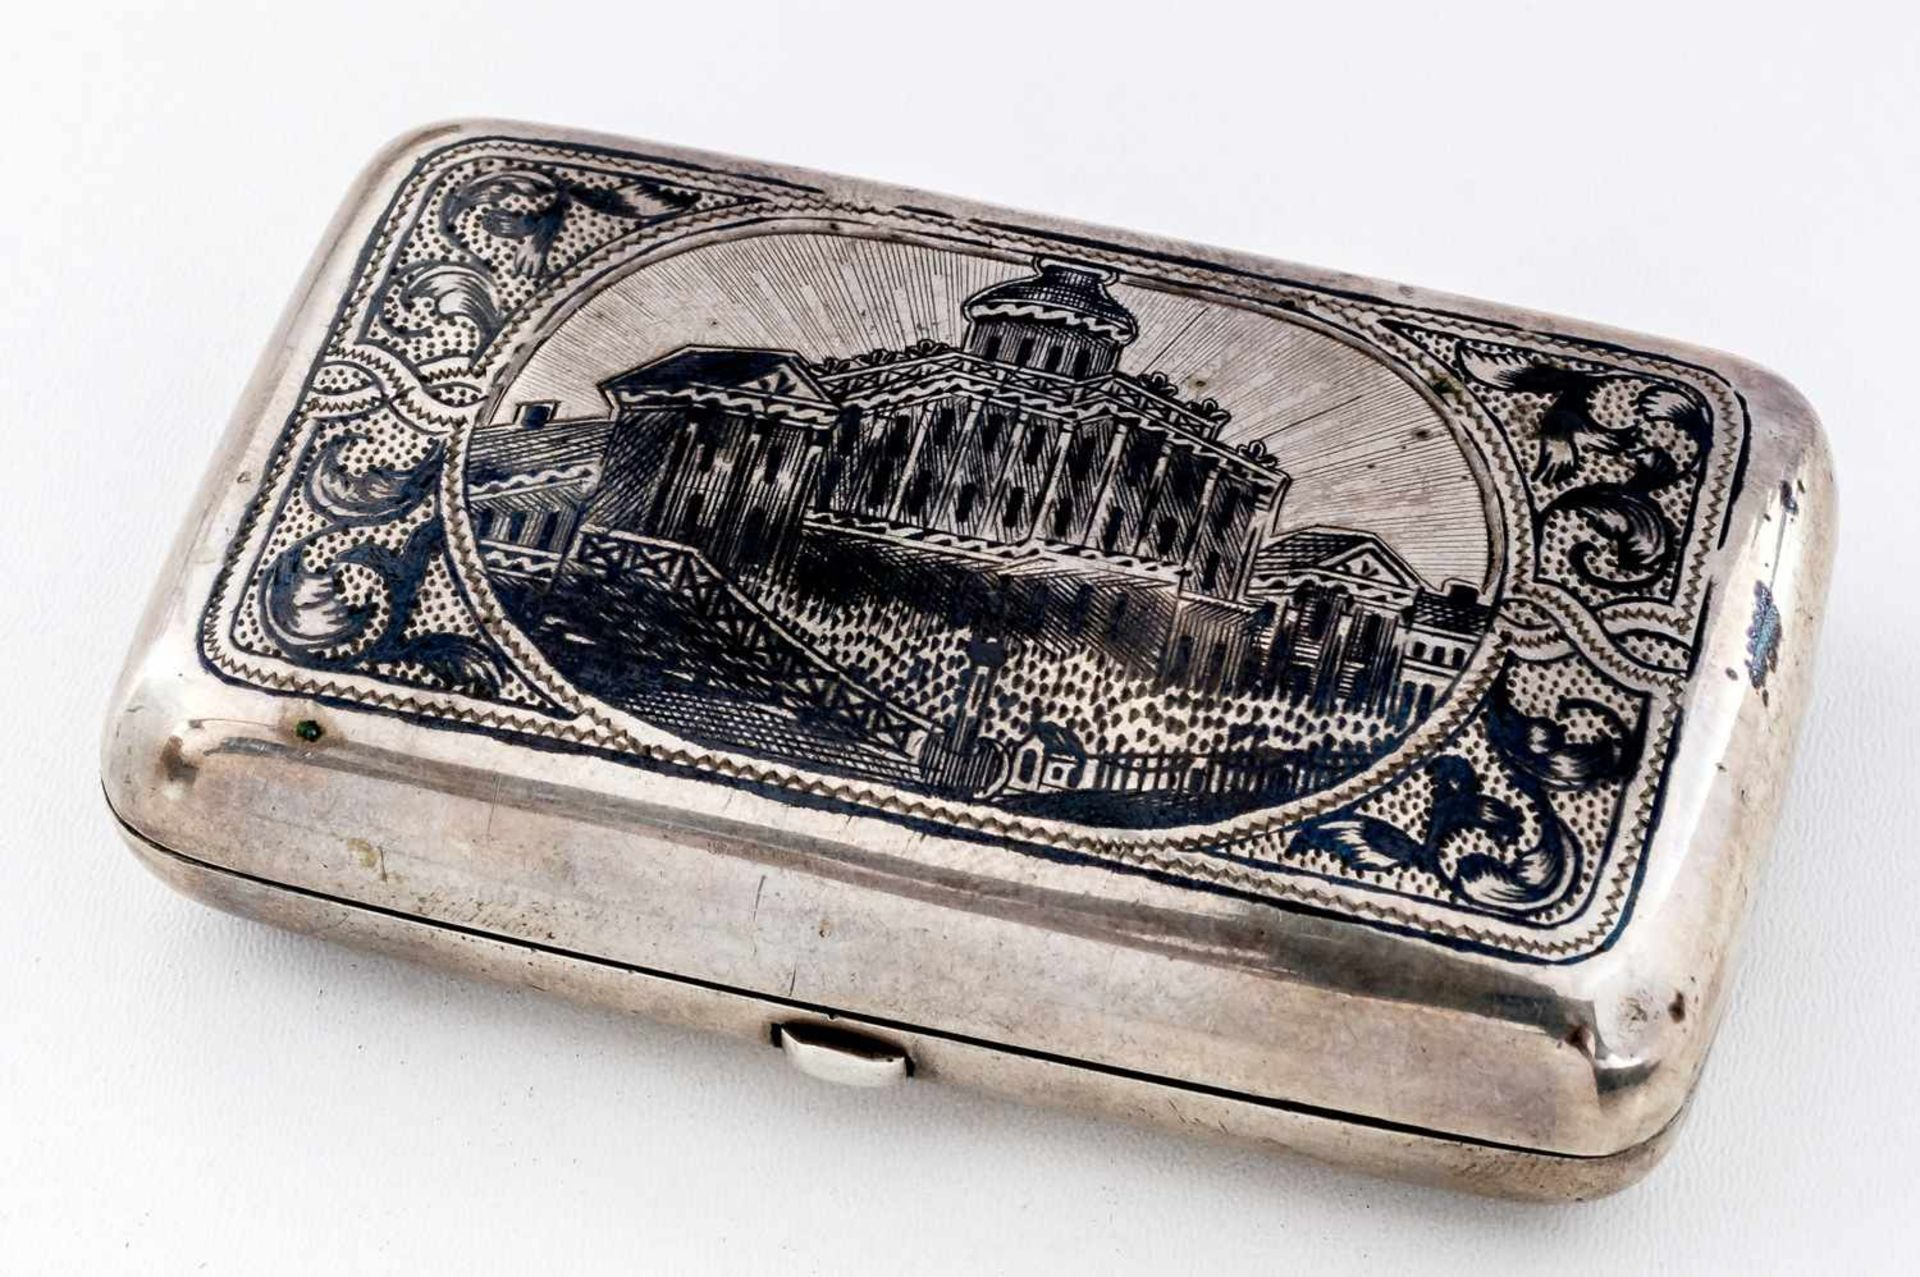 Tabakdose mit Palast-Darstellung Russland, Silber (110g), Moskau 1882 Beschaumeister: unbekannt